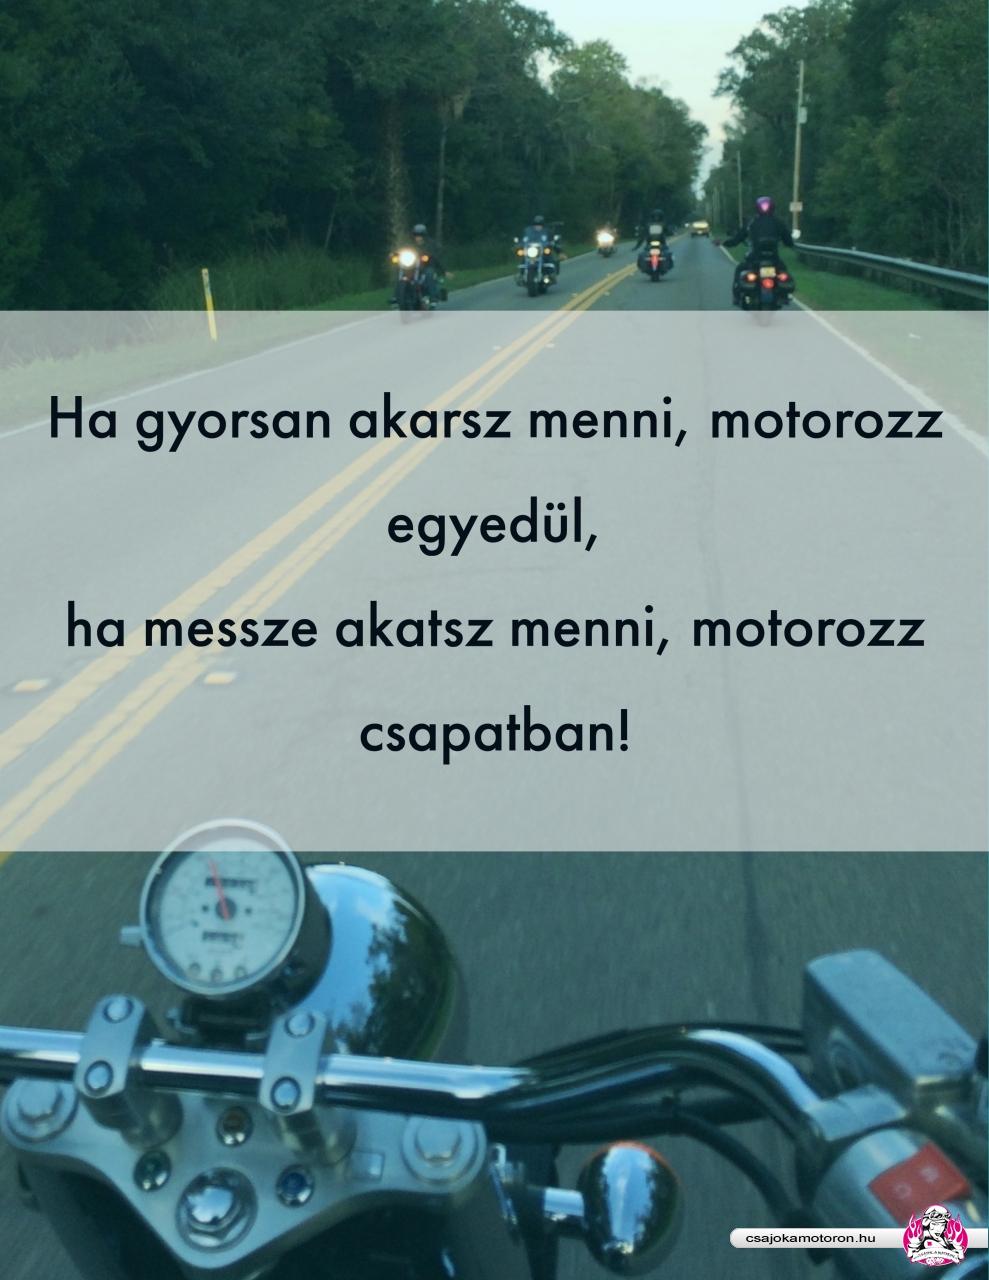 Ha gyorsan akarsz menni, motorozz egyedül!